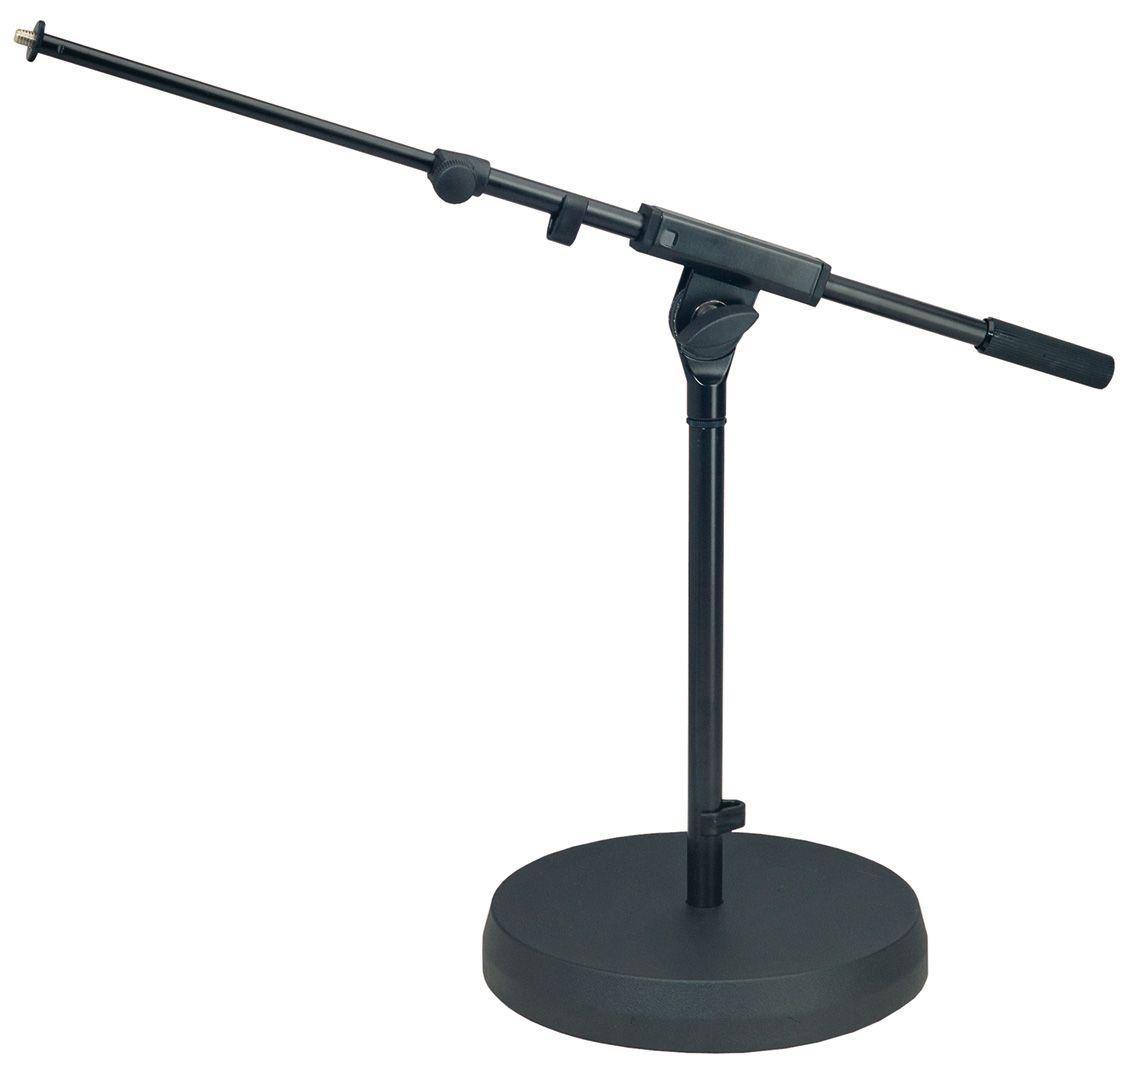 k m 25960 300 55 pied de microphone noir perche basse telescopique embase ronde microphone. Black Bedroom Furniture Sets. Home Design Ideas